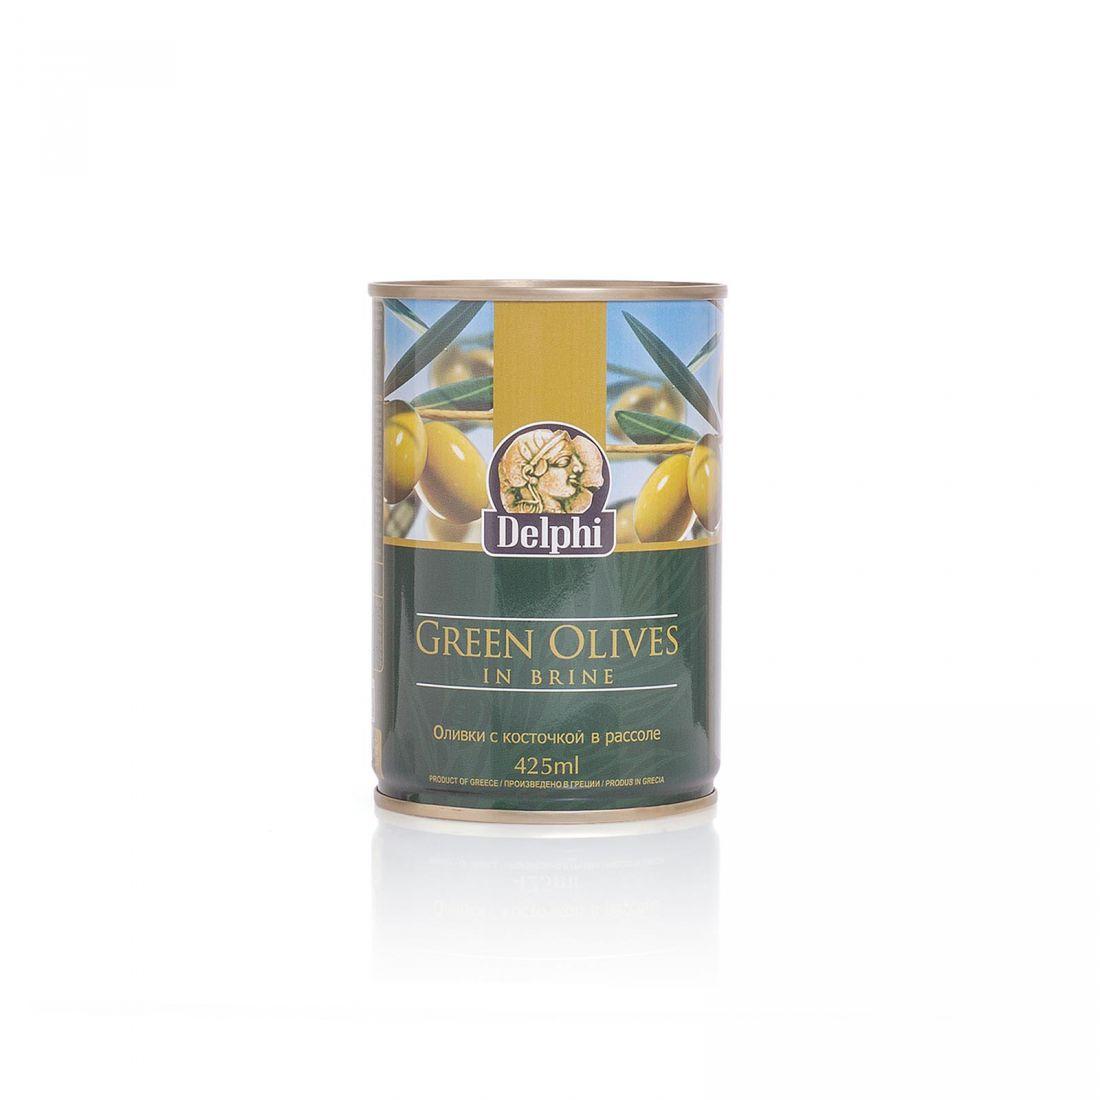 Оливки зеленые Delphi - 400 гр с косточкой в рассоле, жесть